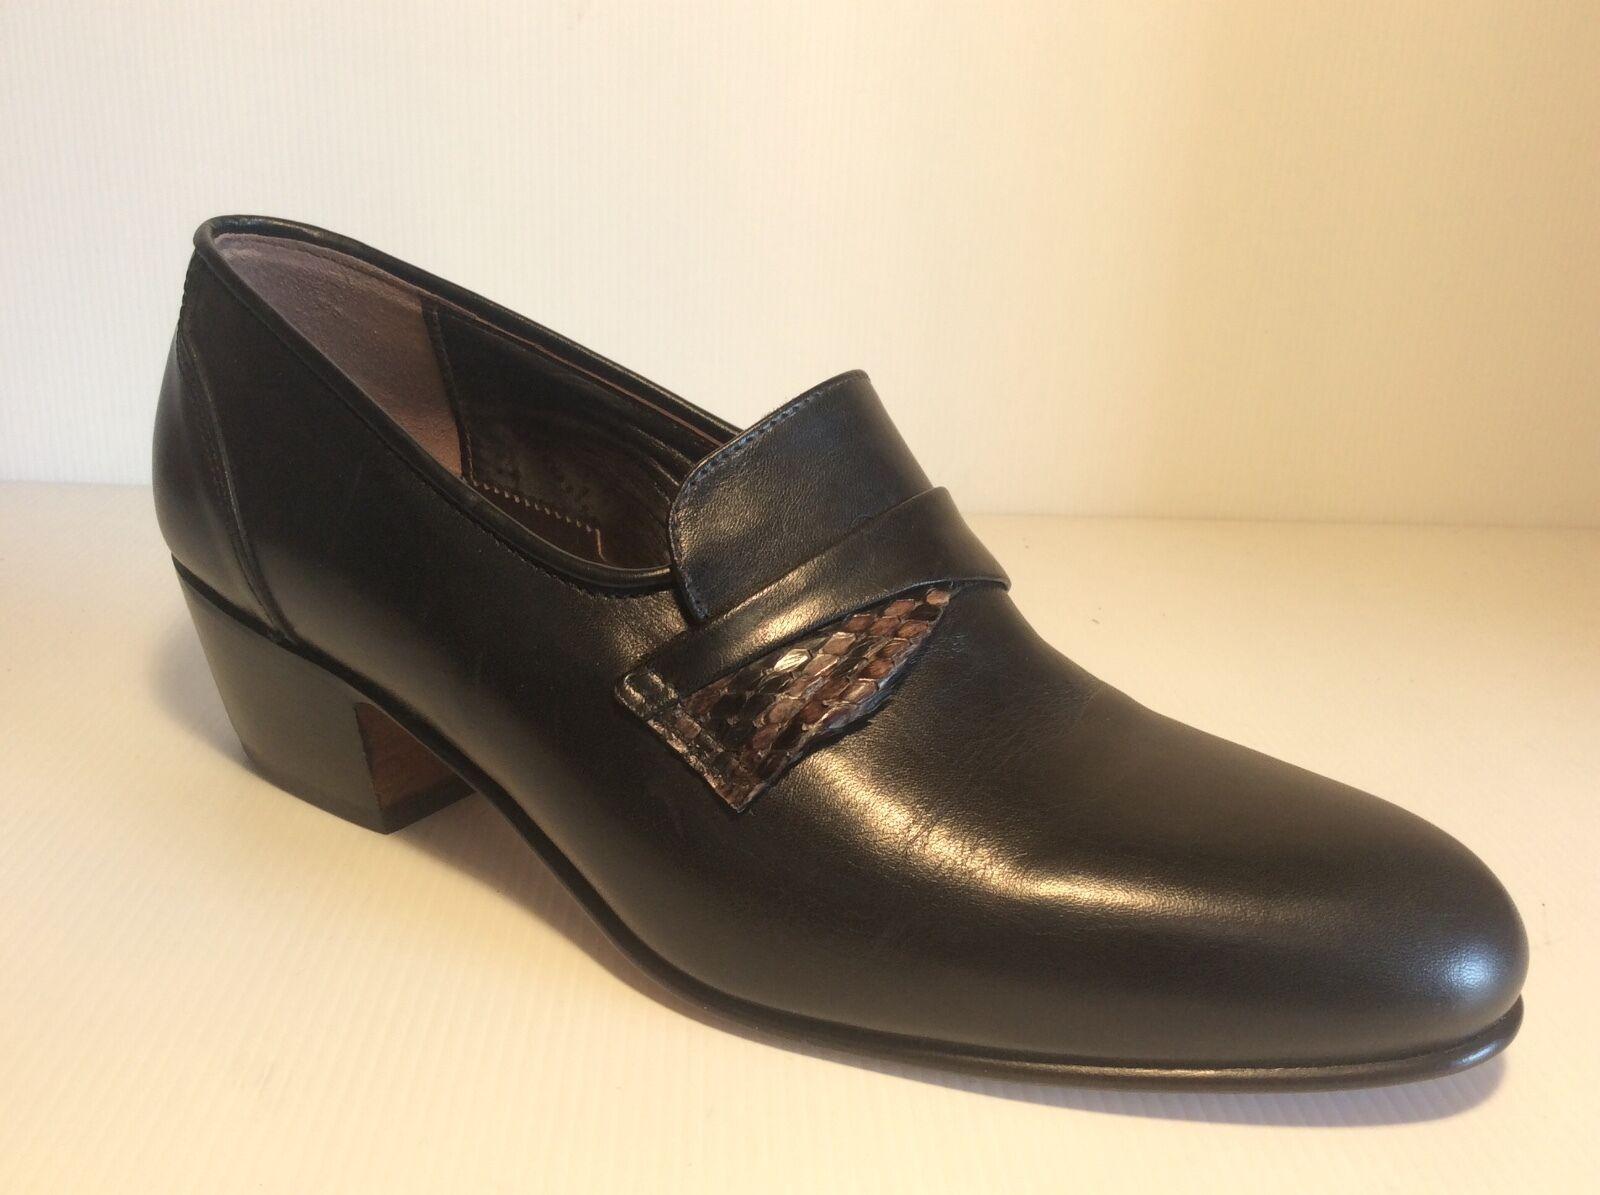 Herrenschuhe Art. 0412 Varese Schwarzes Leder Hintergrund Leder Made in     | Gemäßigten Kosten